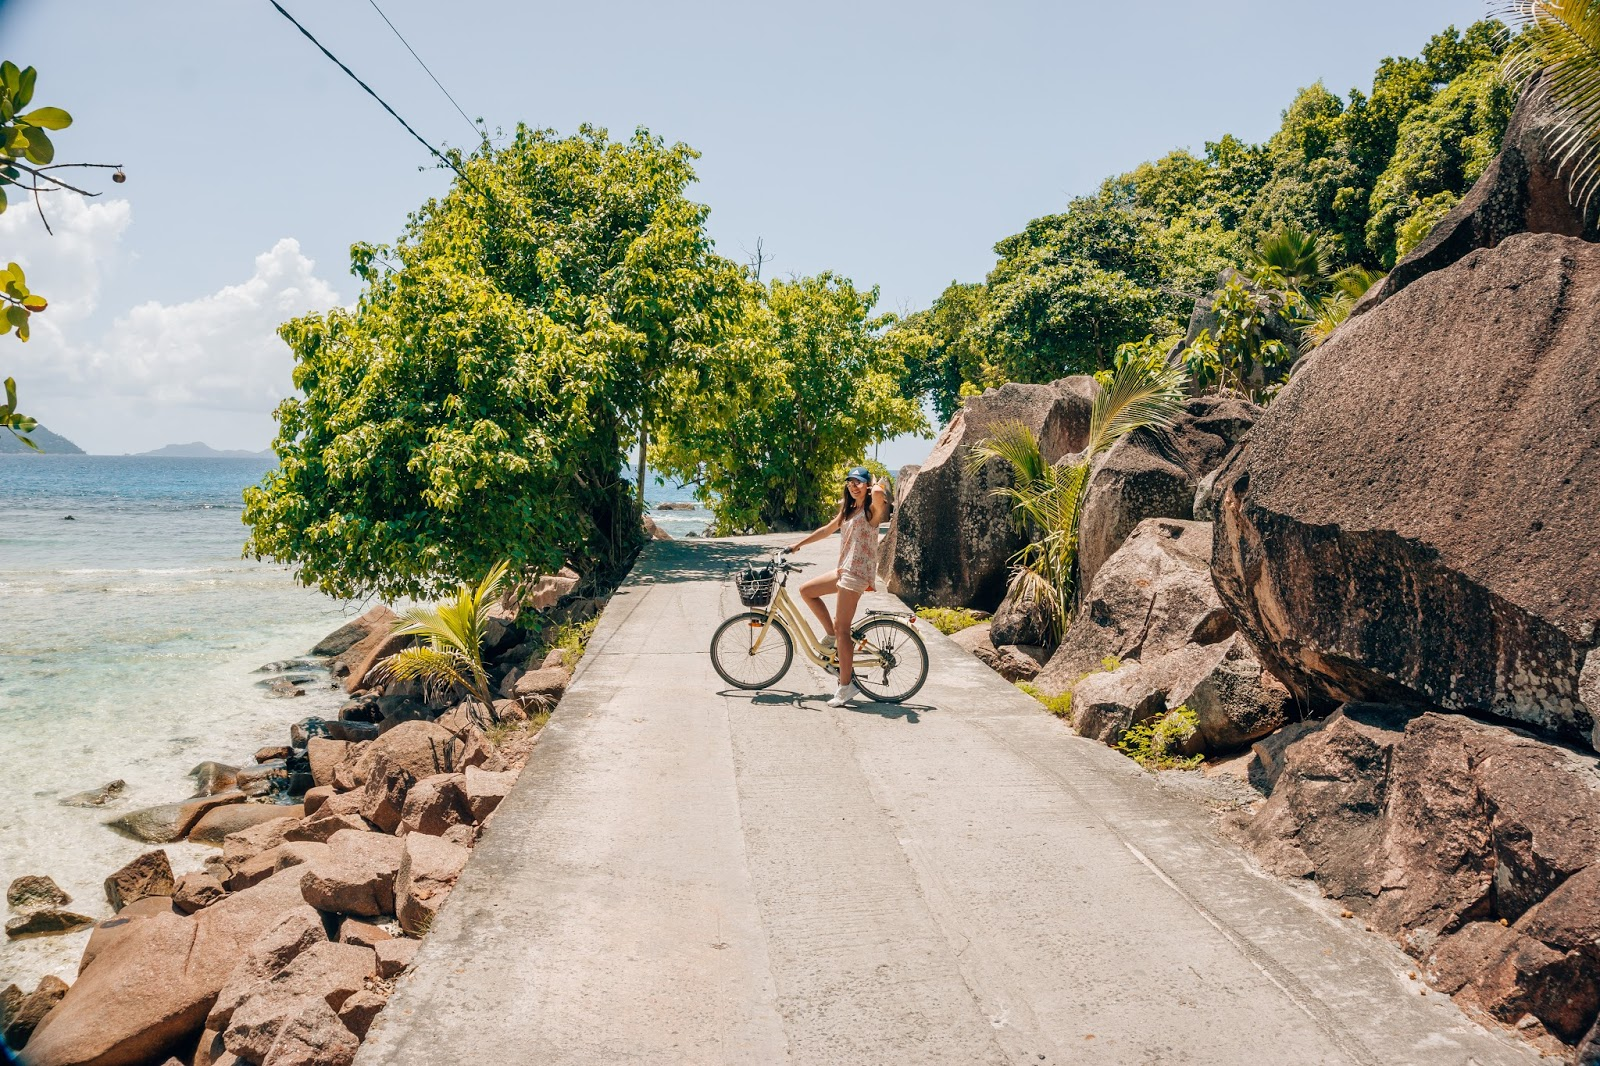 Seychelles beach, paradise beach, empty beach Seychelles, no filter Seychelles, travel blog, lifestyle blog, best travel blog